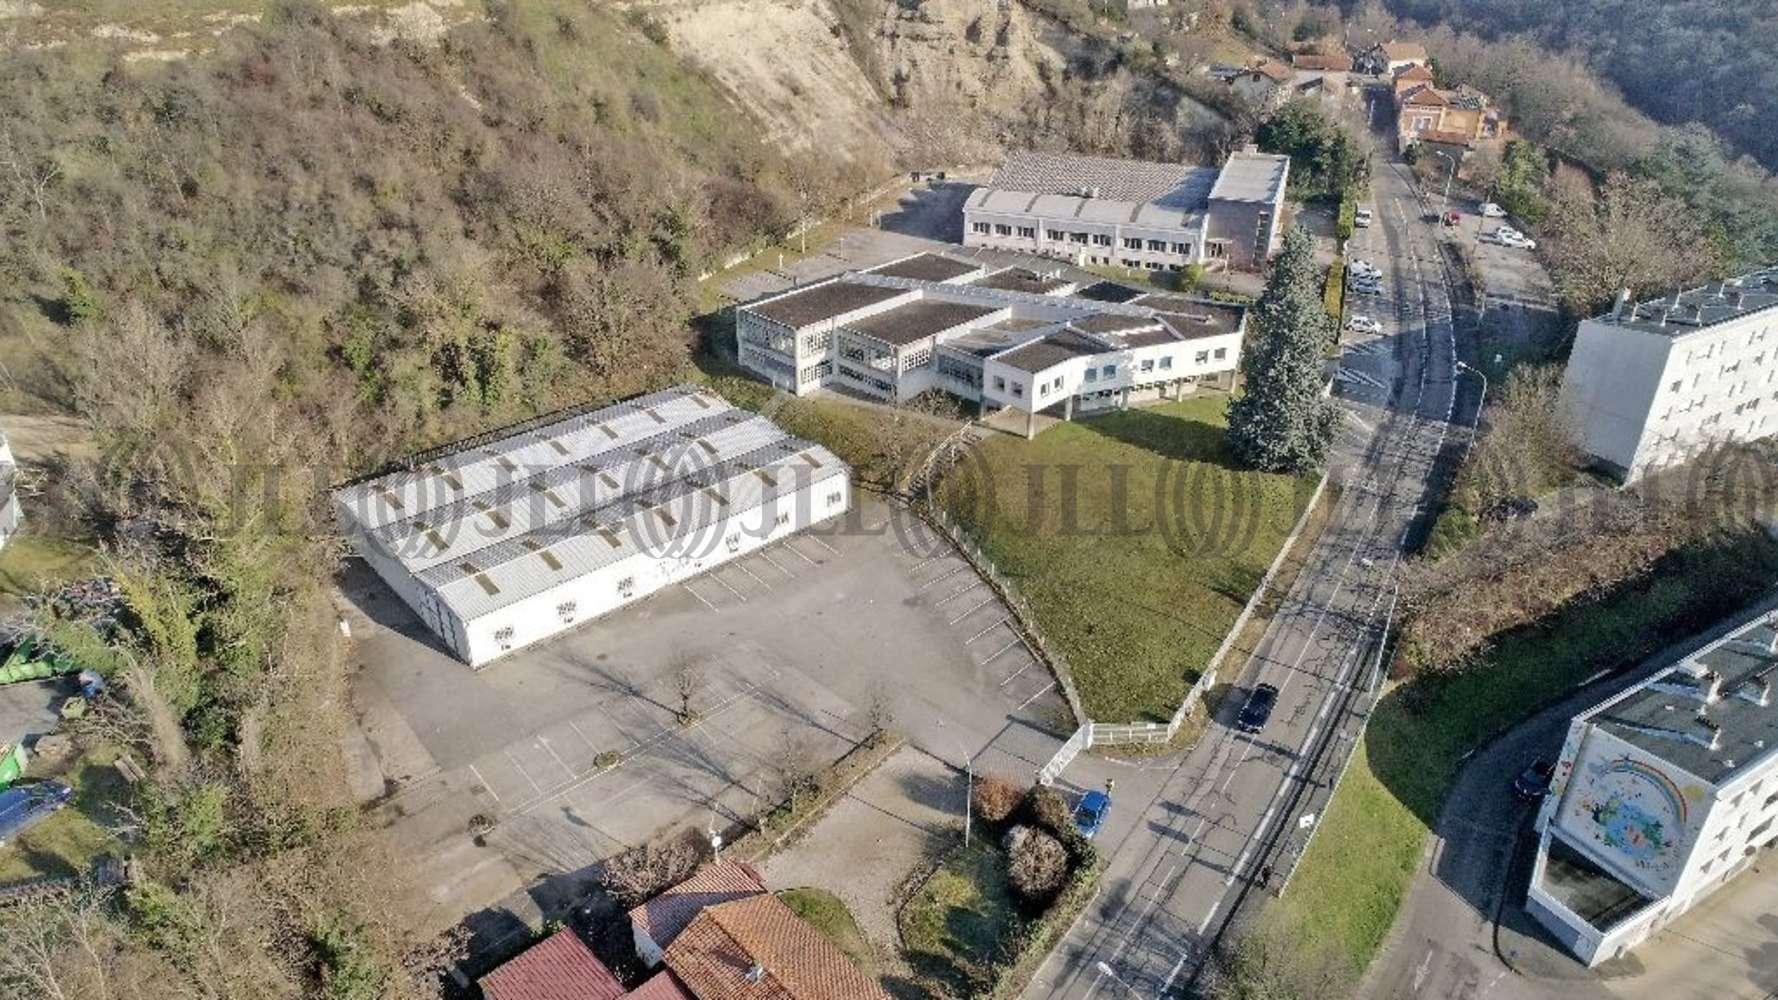 Activités/entrepôt Rillieux la pape, 69140 - Location / Achat bâtiment mixte - Lyon - 10319653